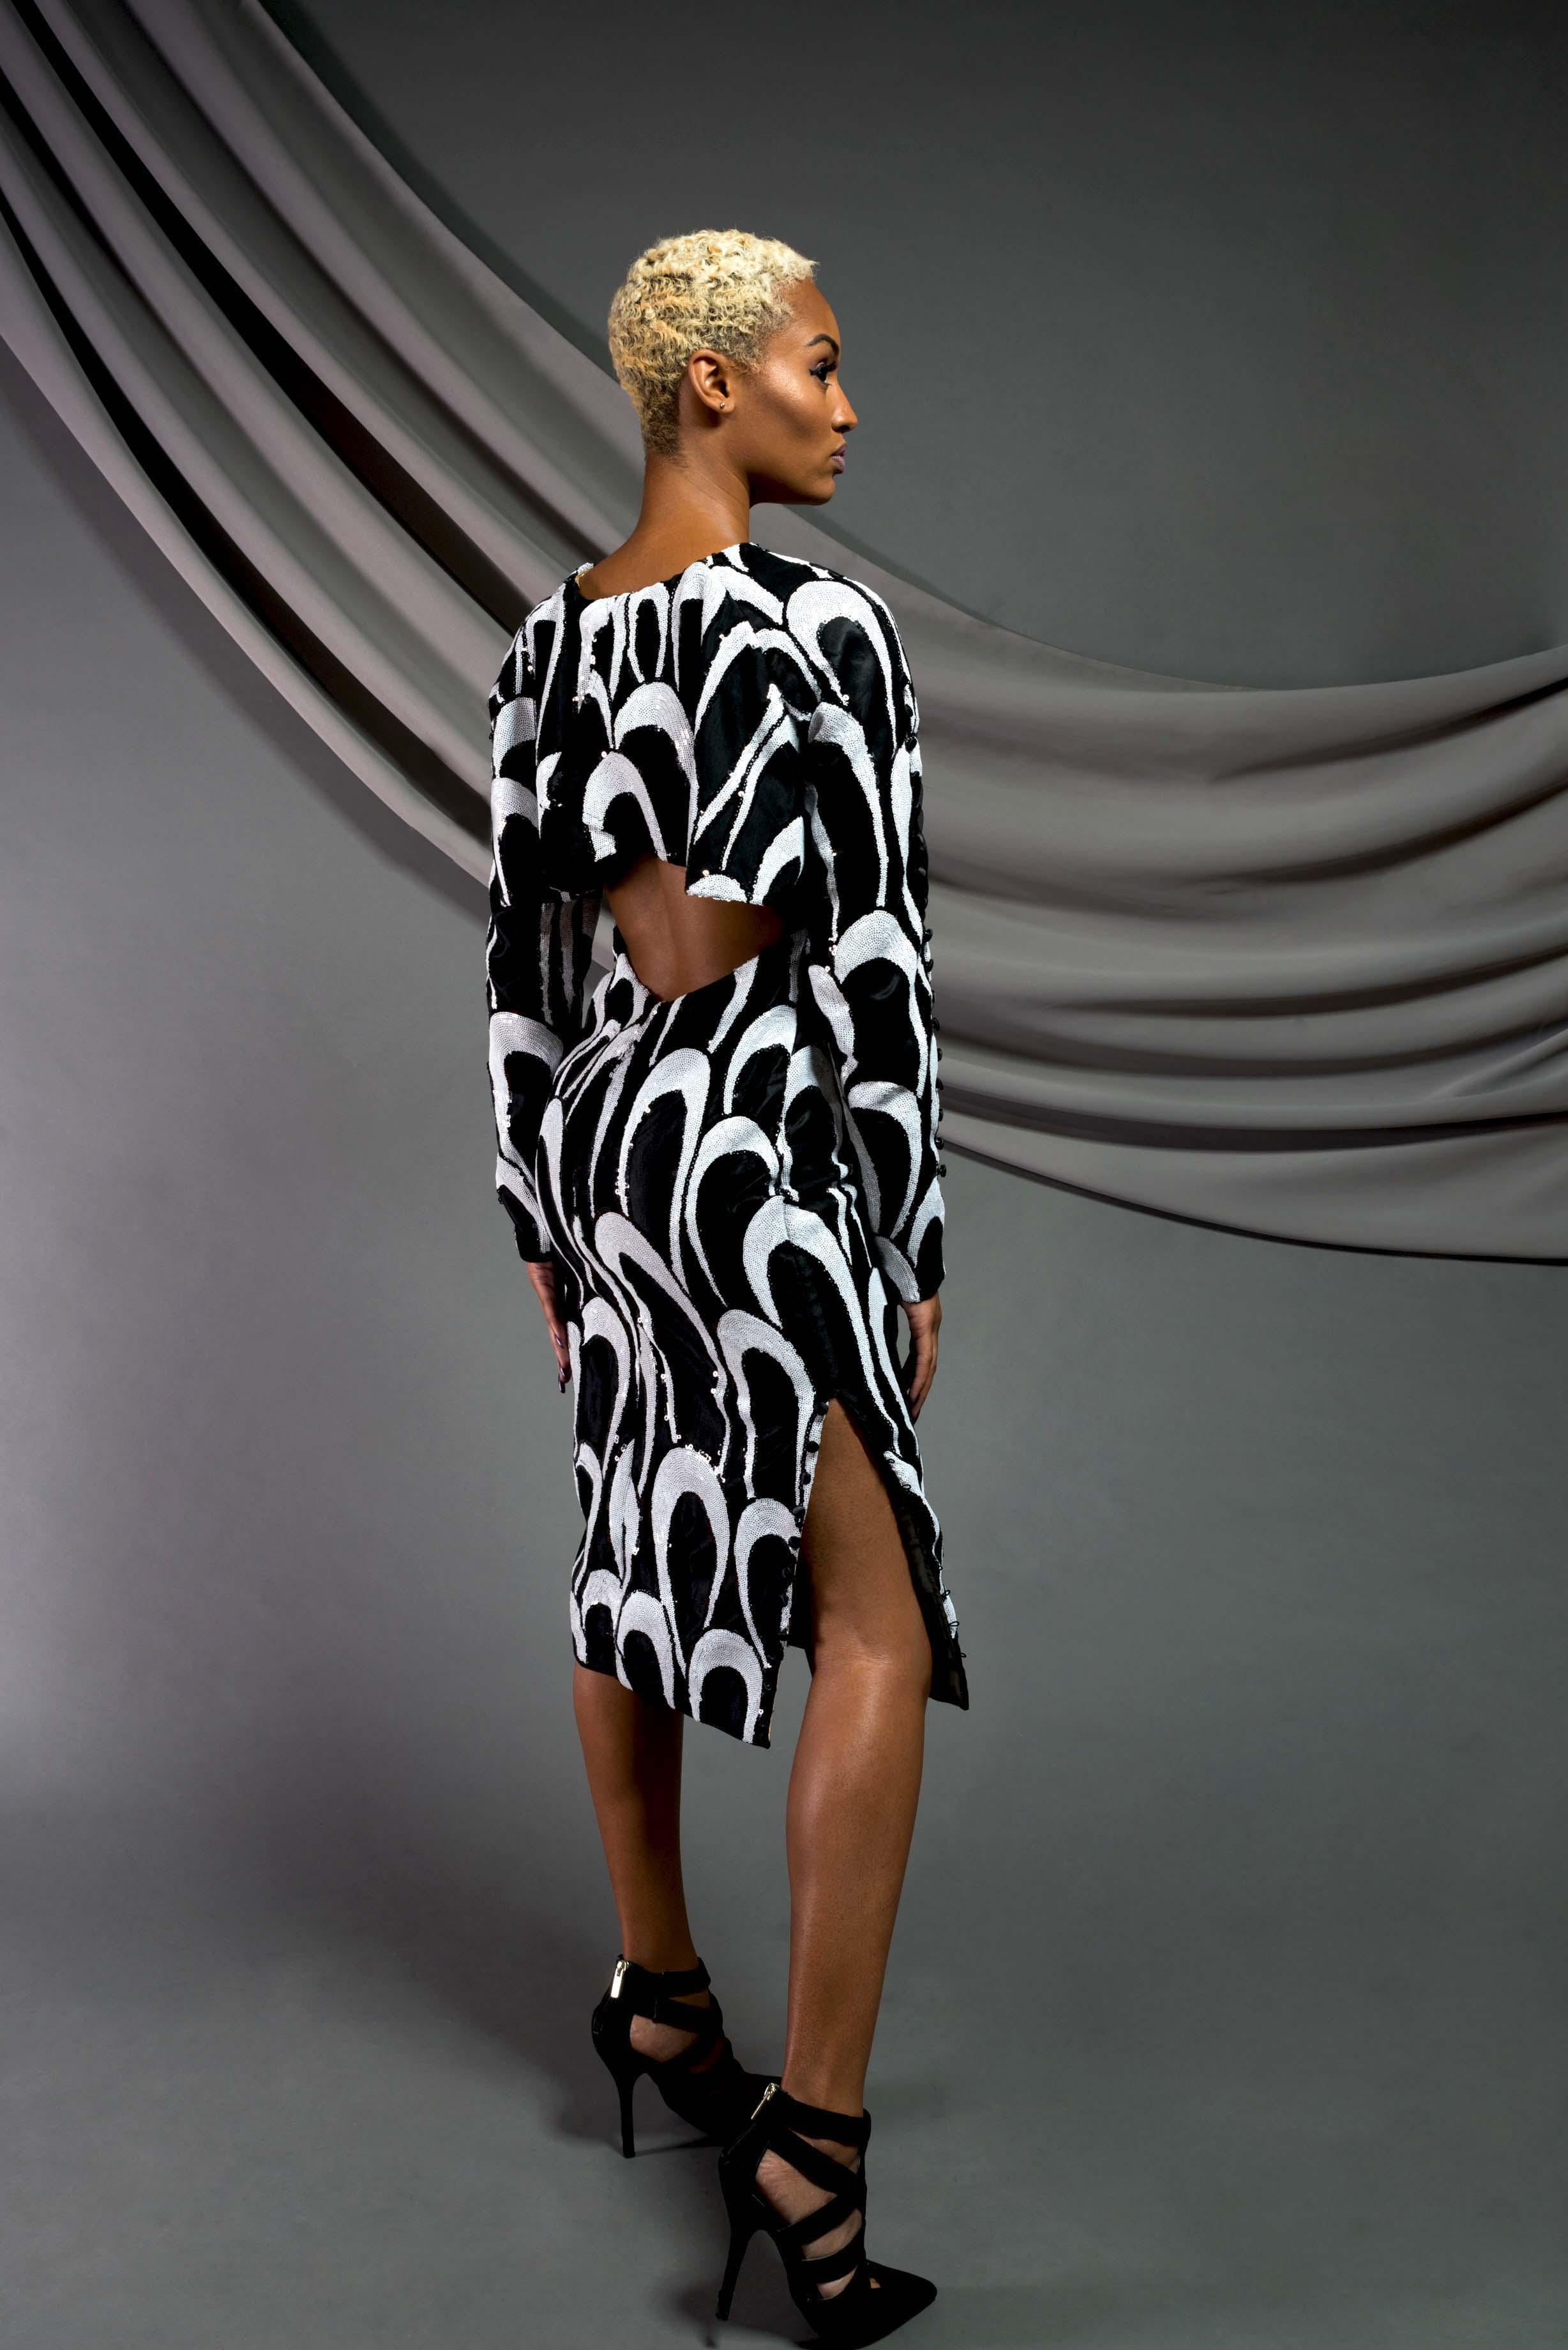 bw-sequin-dress-lb-back.jpg